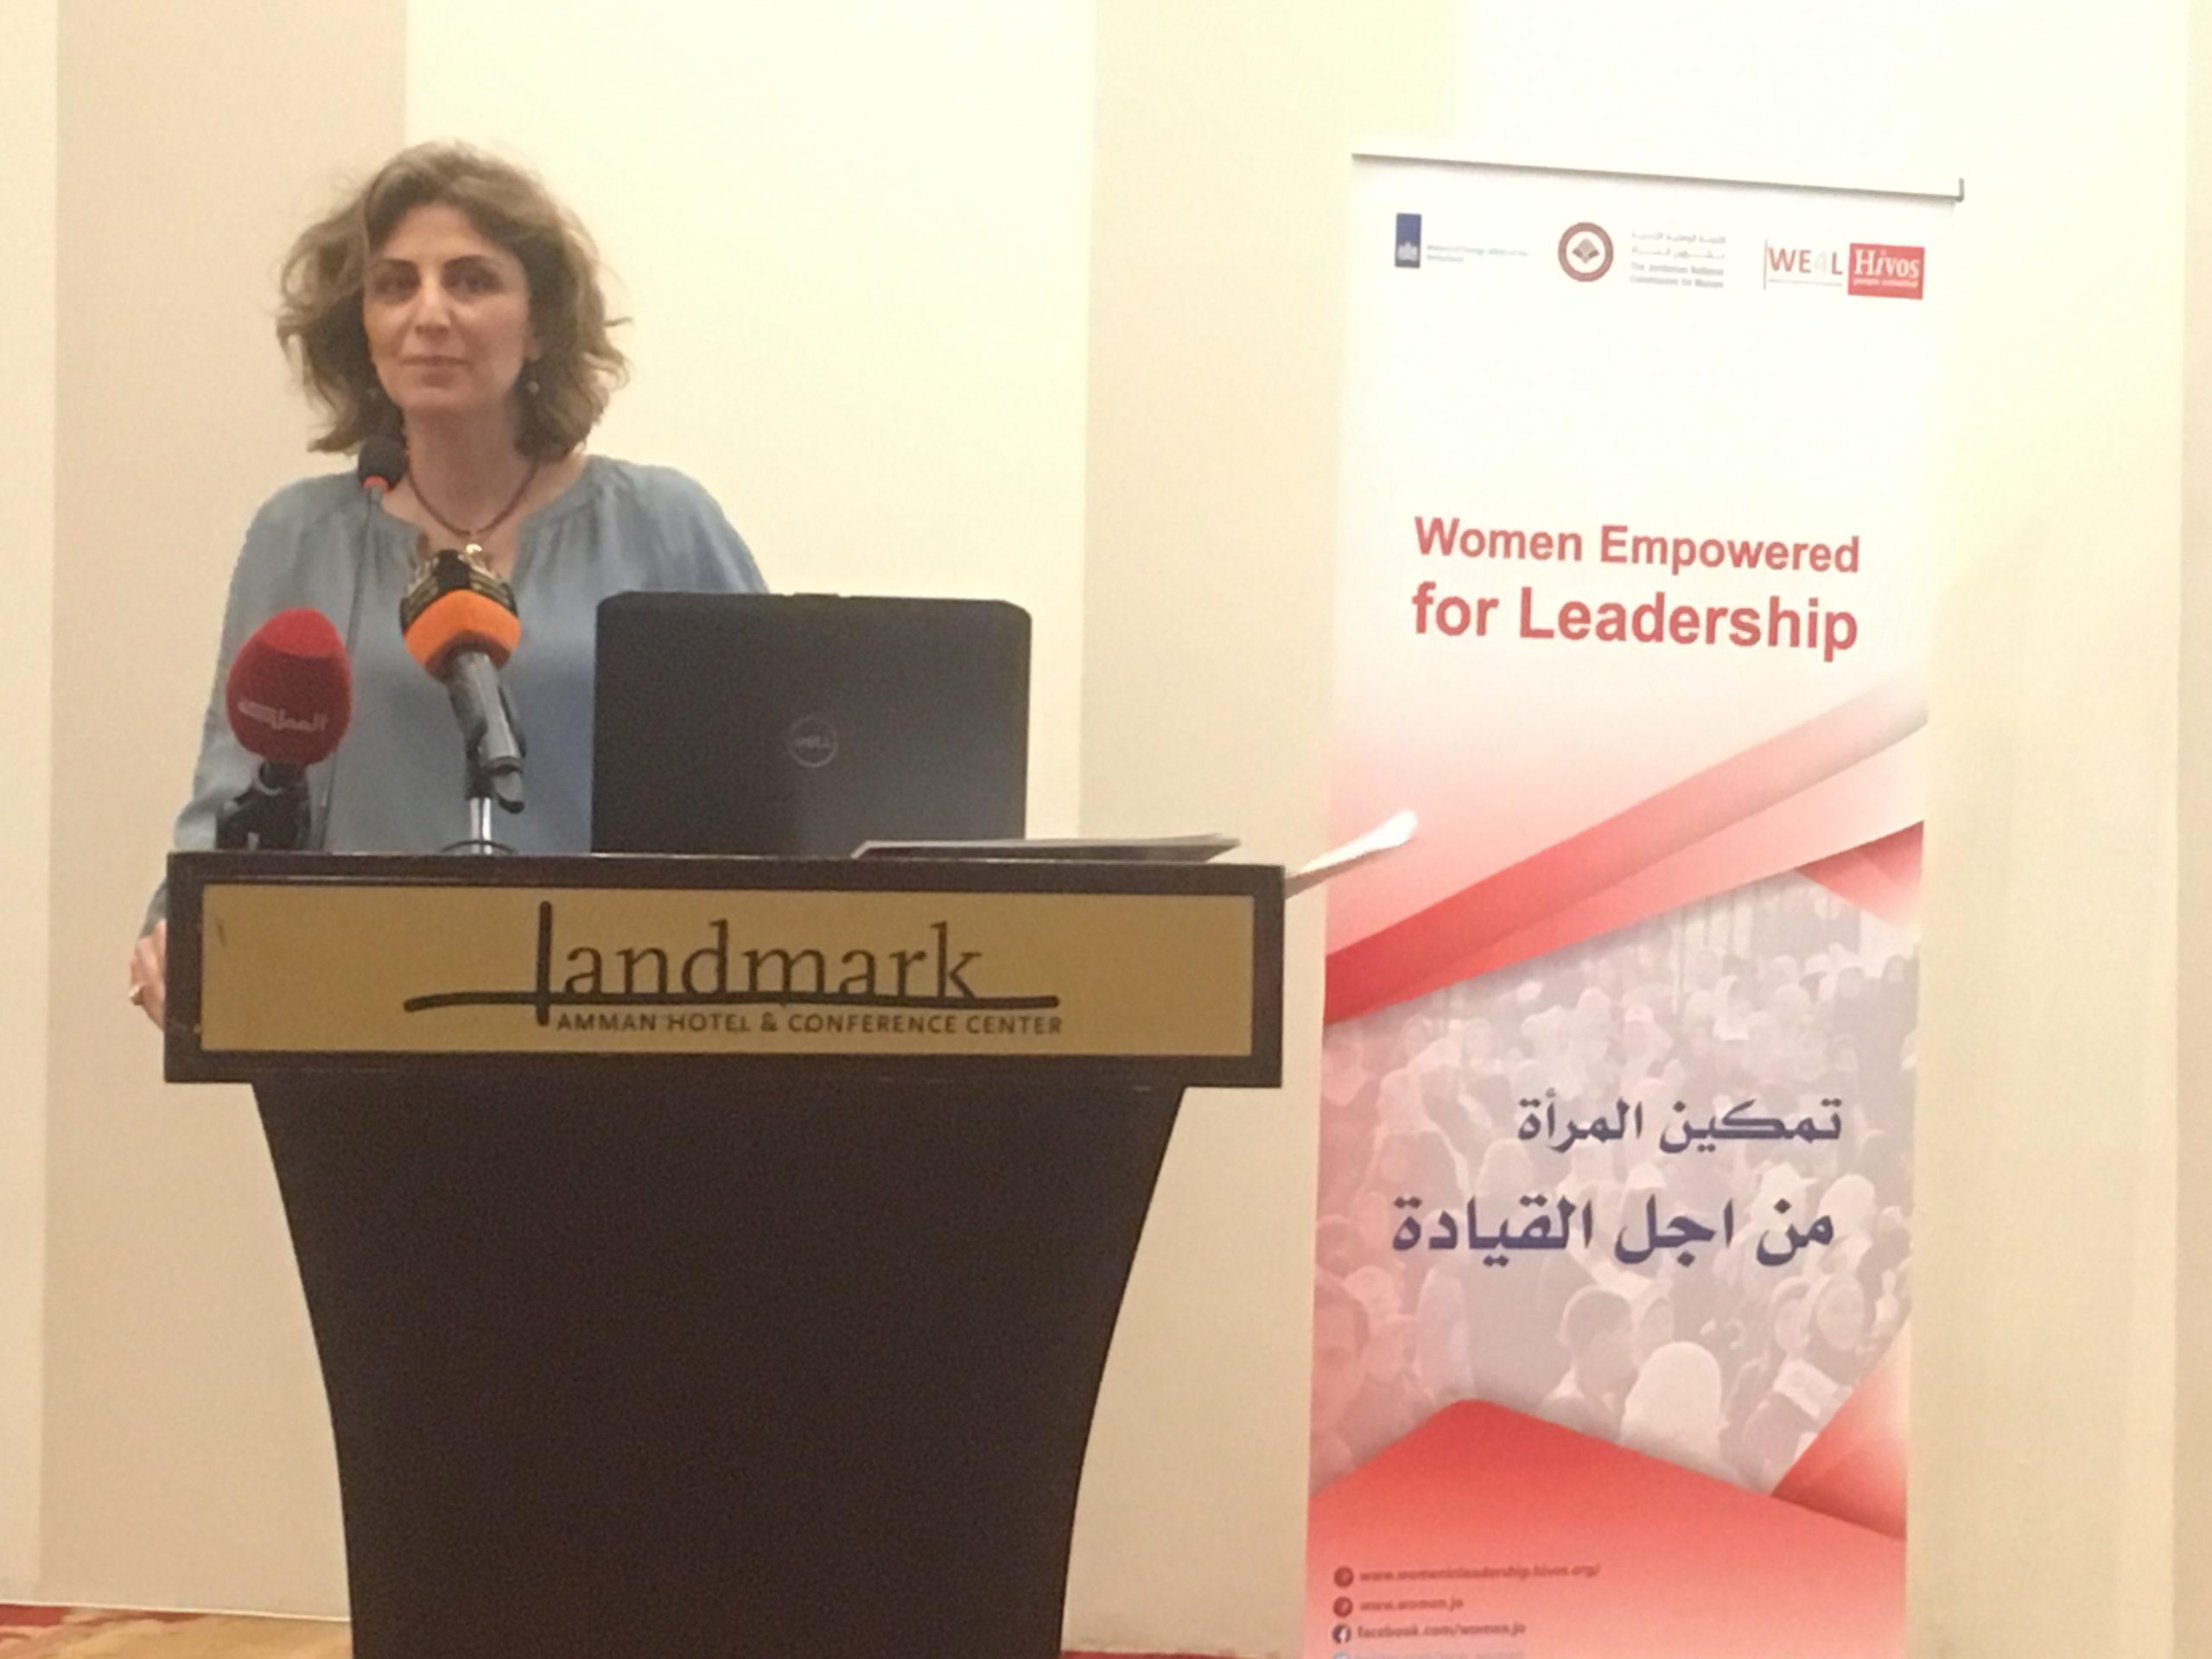 Salma Al Nims